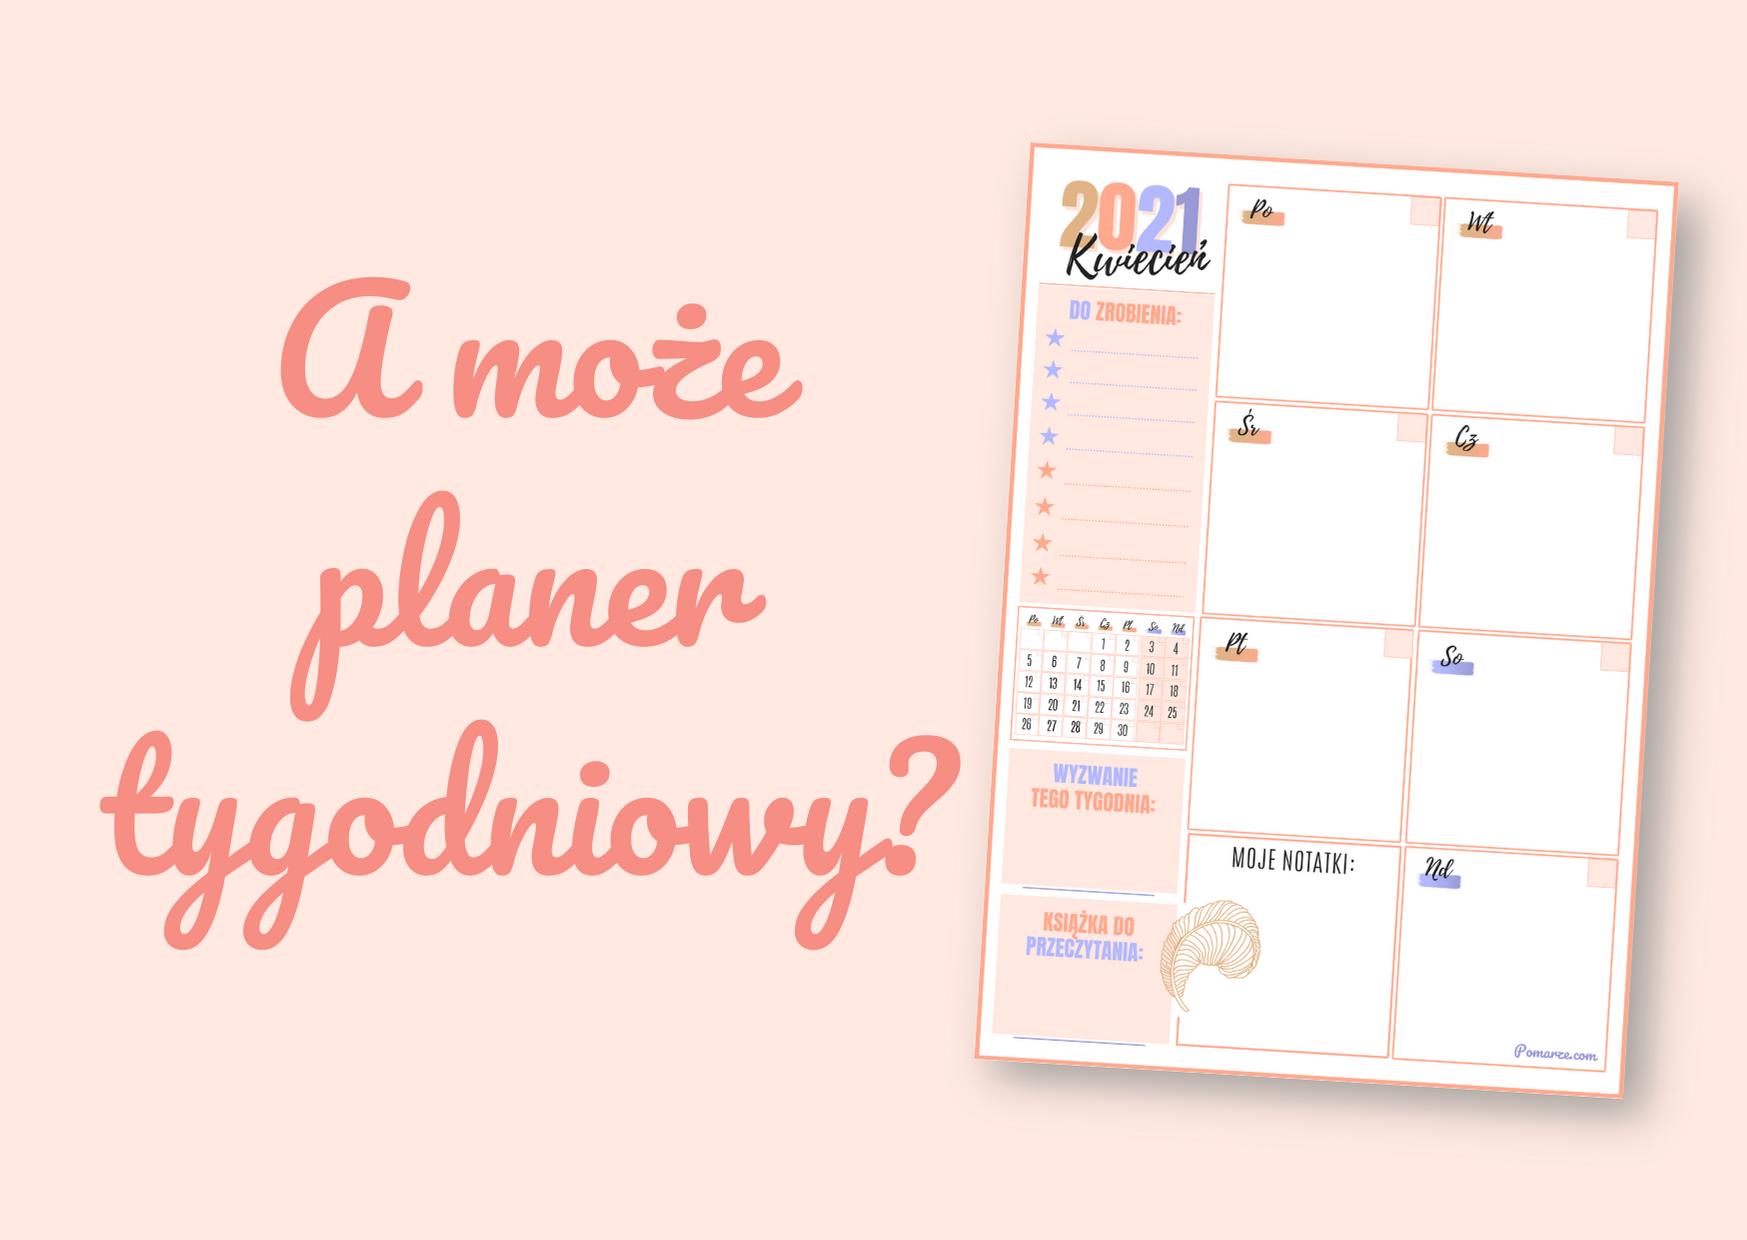 najpiękniejsze darmowe kalendarze maj 2020 do wydruku free